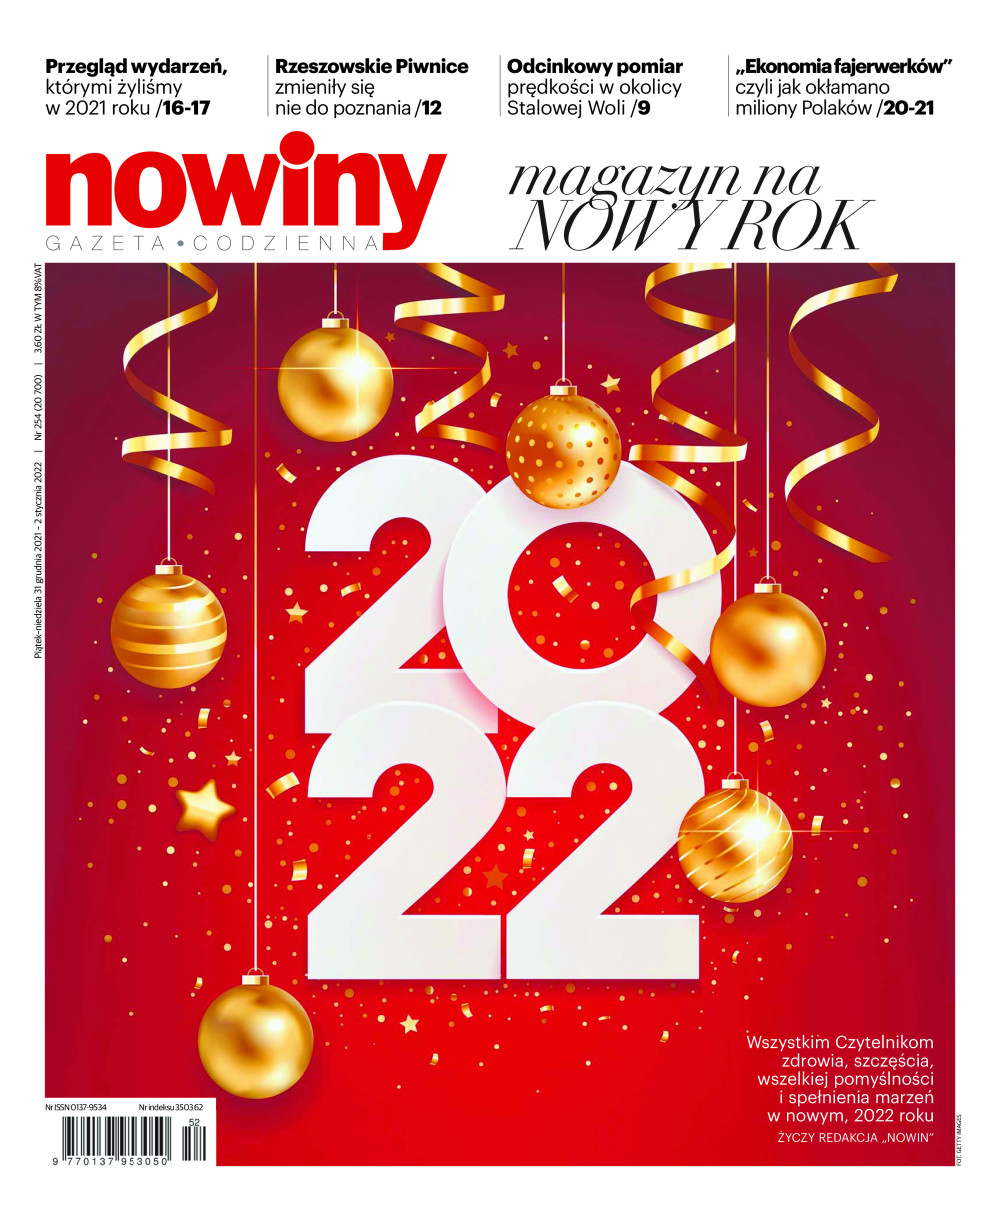 Gazeta Codzienna Nowiny - regionalne e-wydania